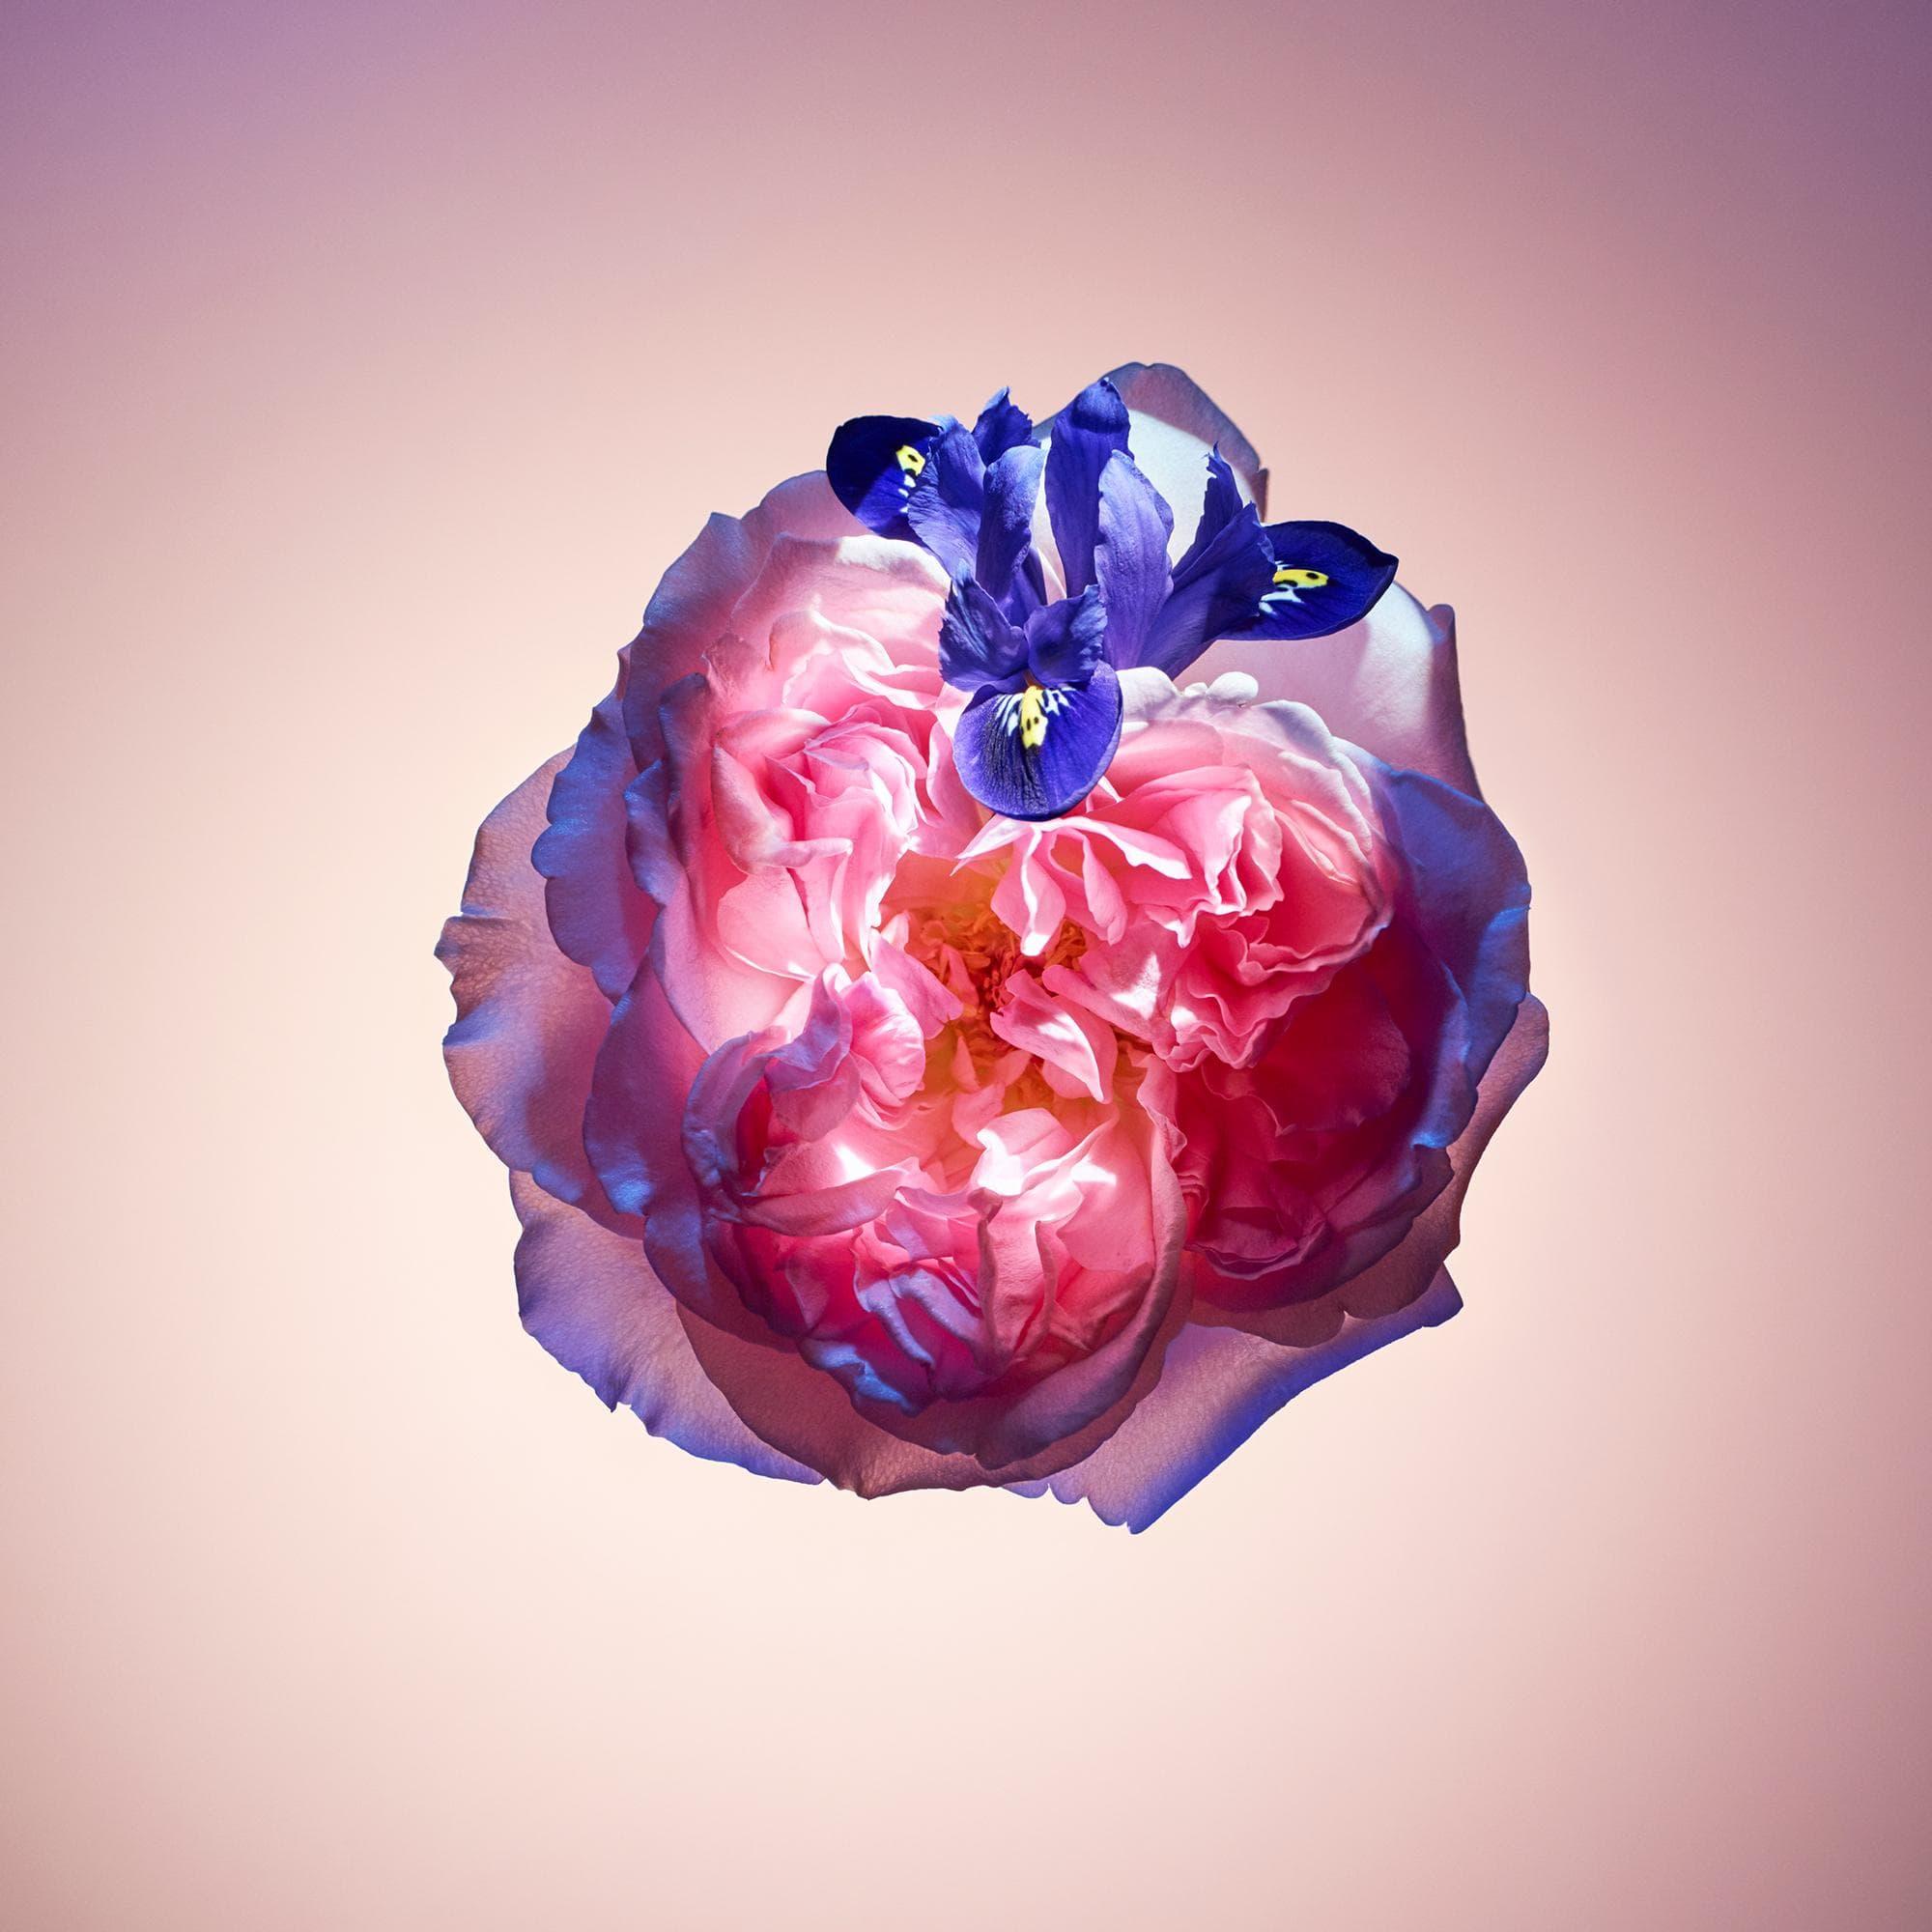 louis-vuitton-rose-des-vents-fragrances--LP0005_PM1_Other%20view1.jpg